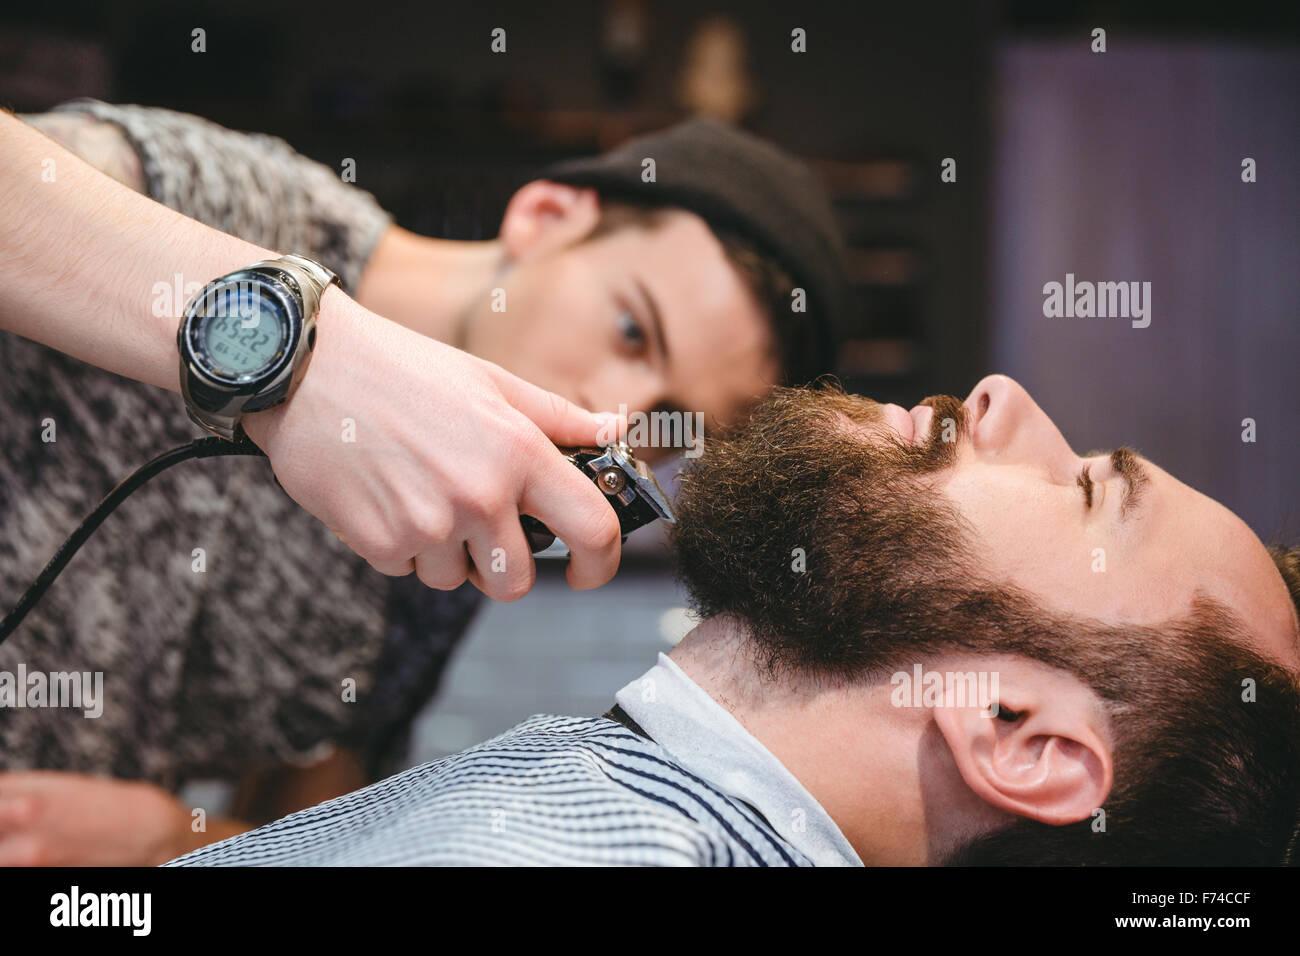 Atractivo hombre barbado obteniendo su barba afeitada por modernos barber Barber shop Foto de stock